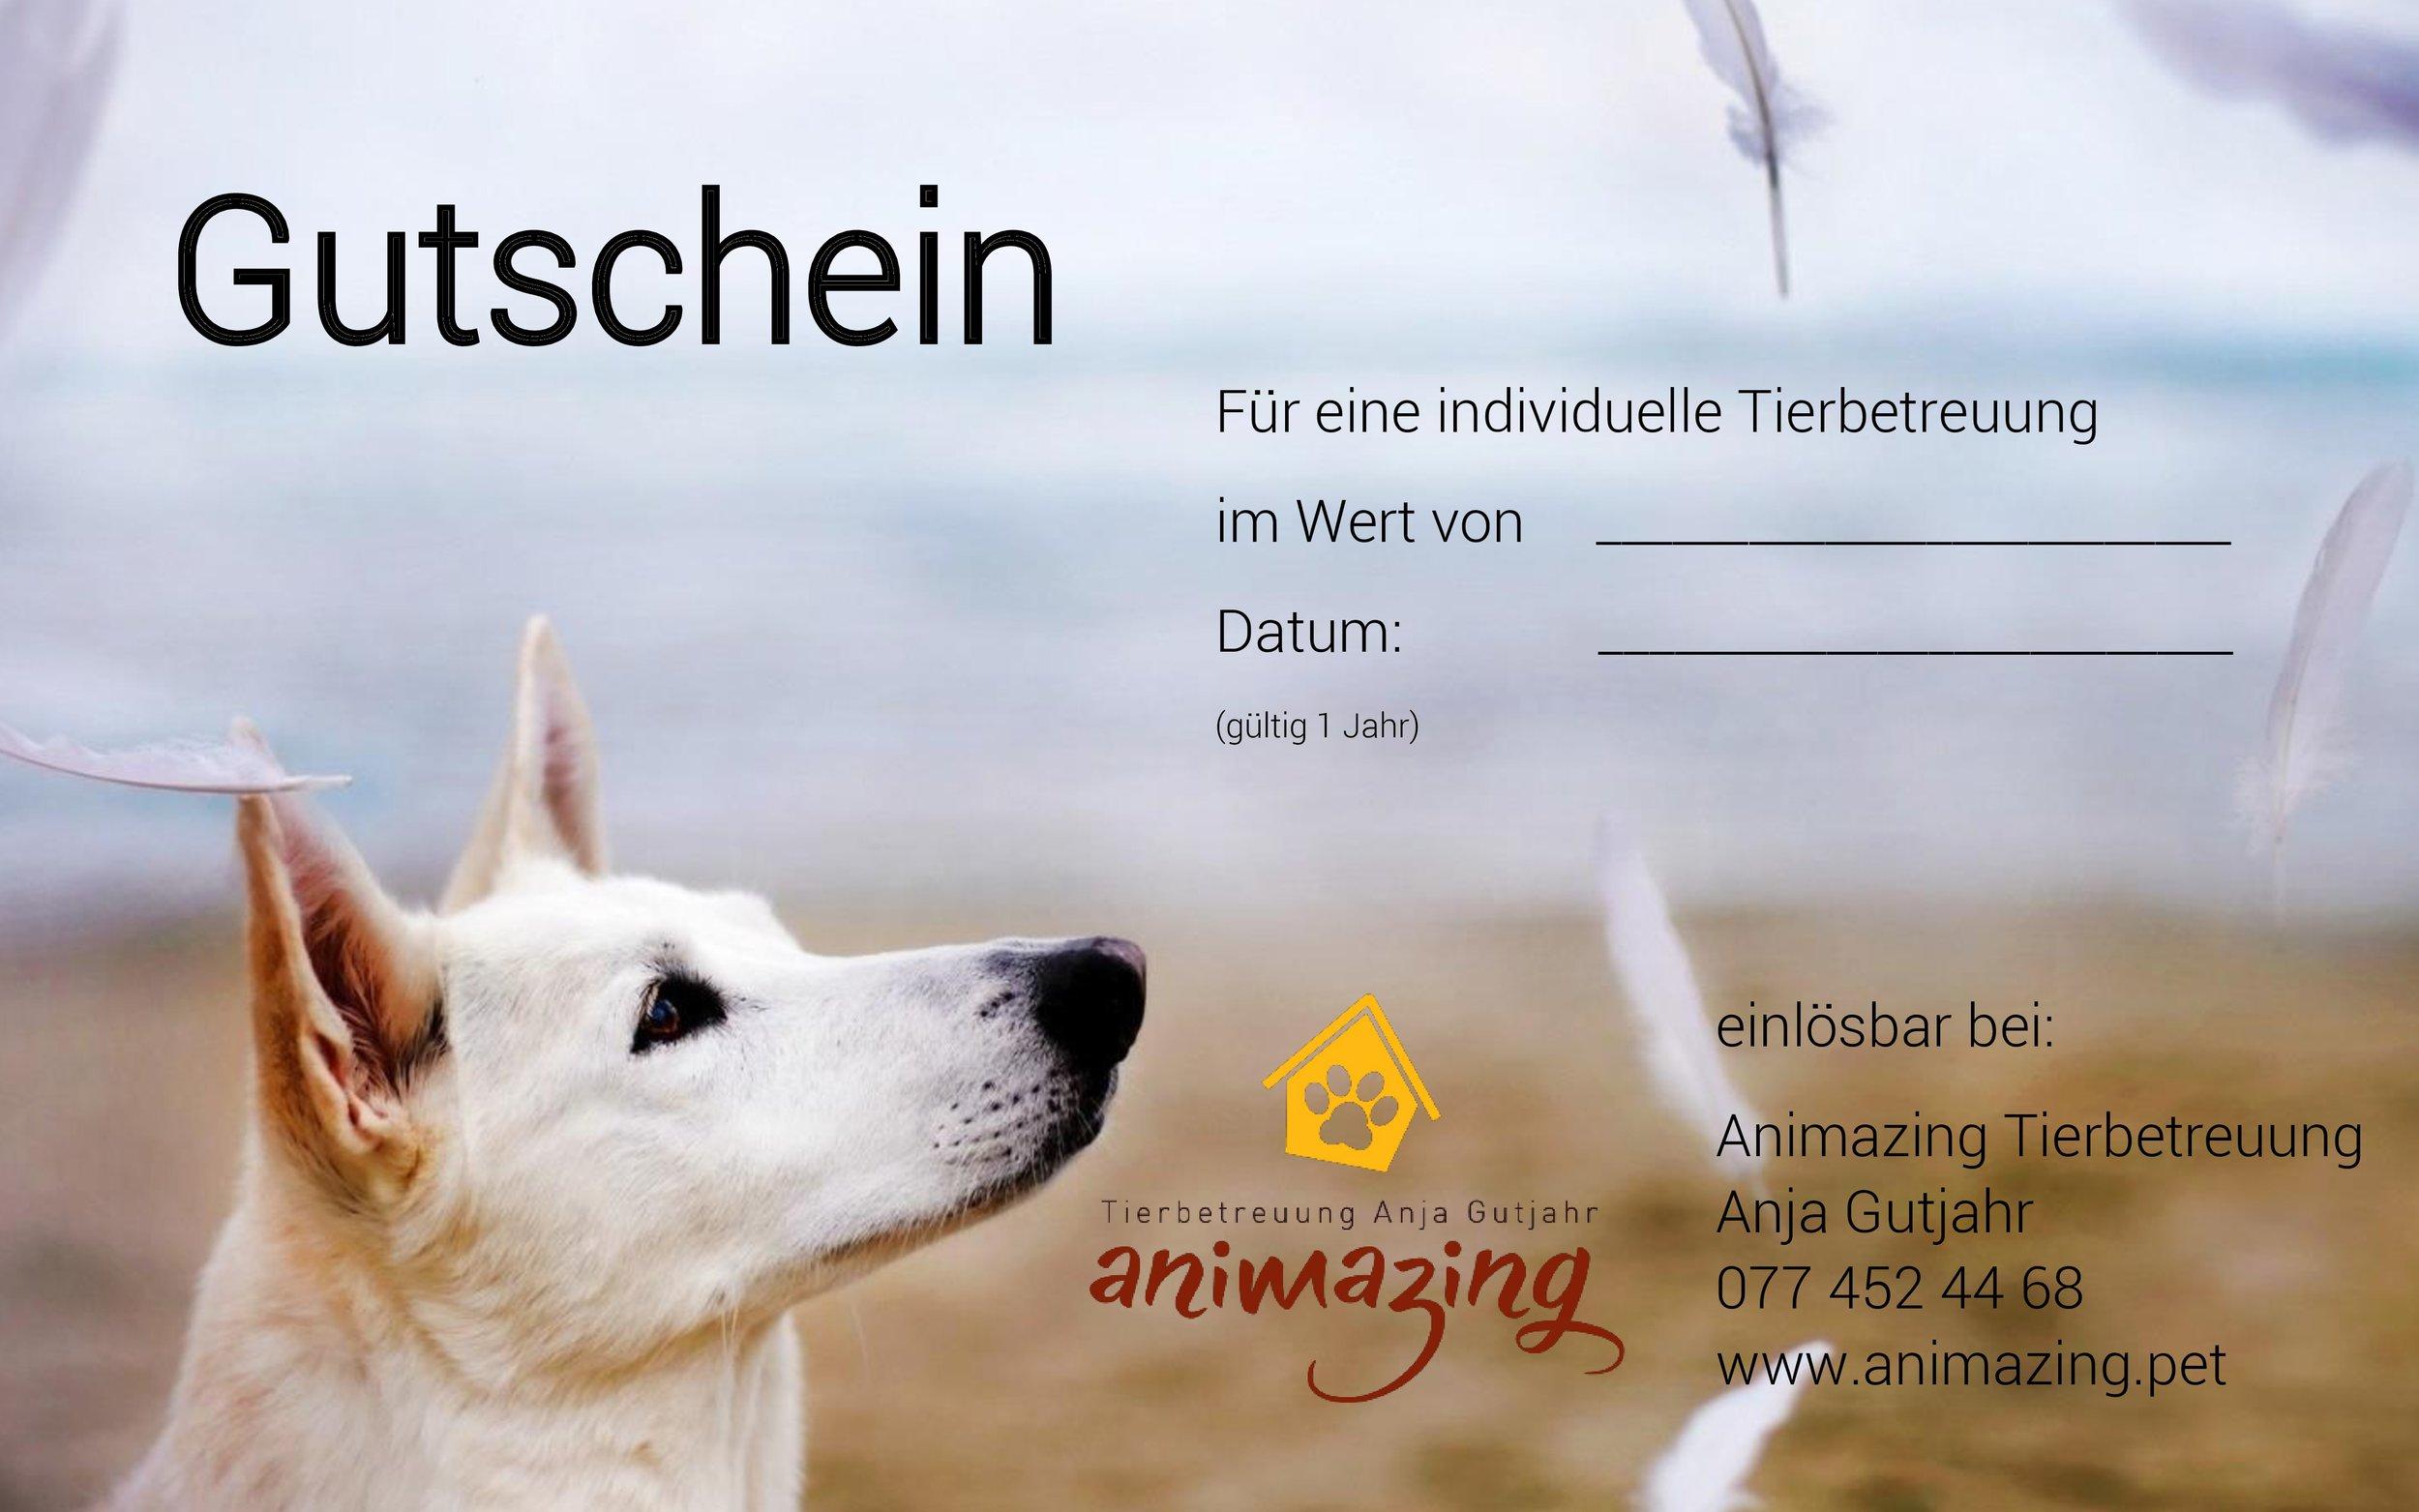 Gutschein-Hund-weiss-Animazing.jpg